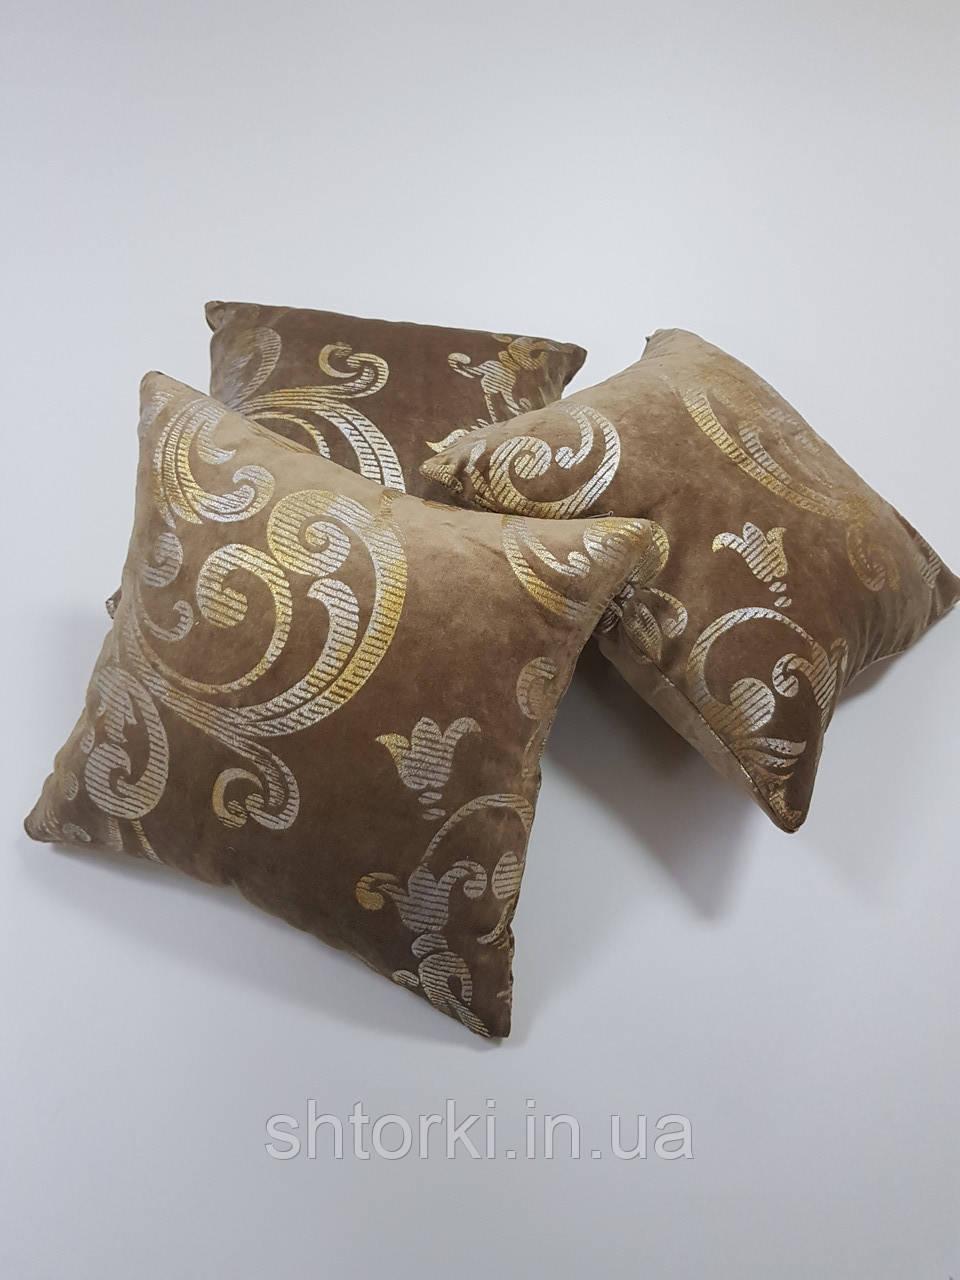 Комплект подушек зеленый с золотым вензелем, 4шт